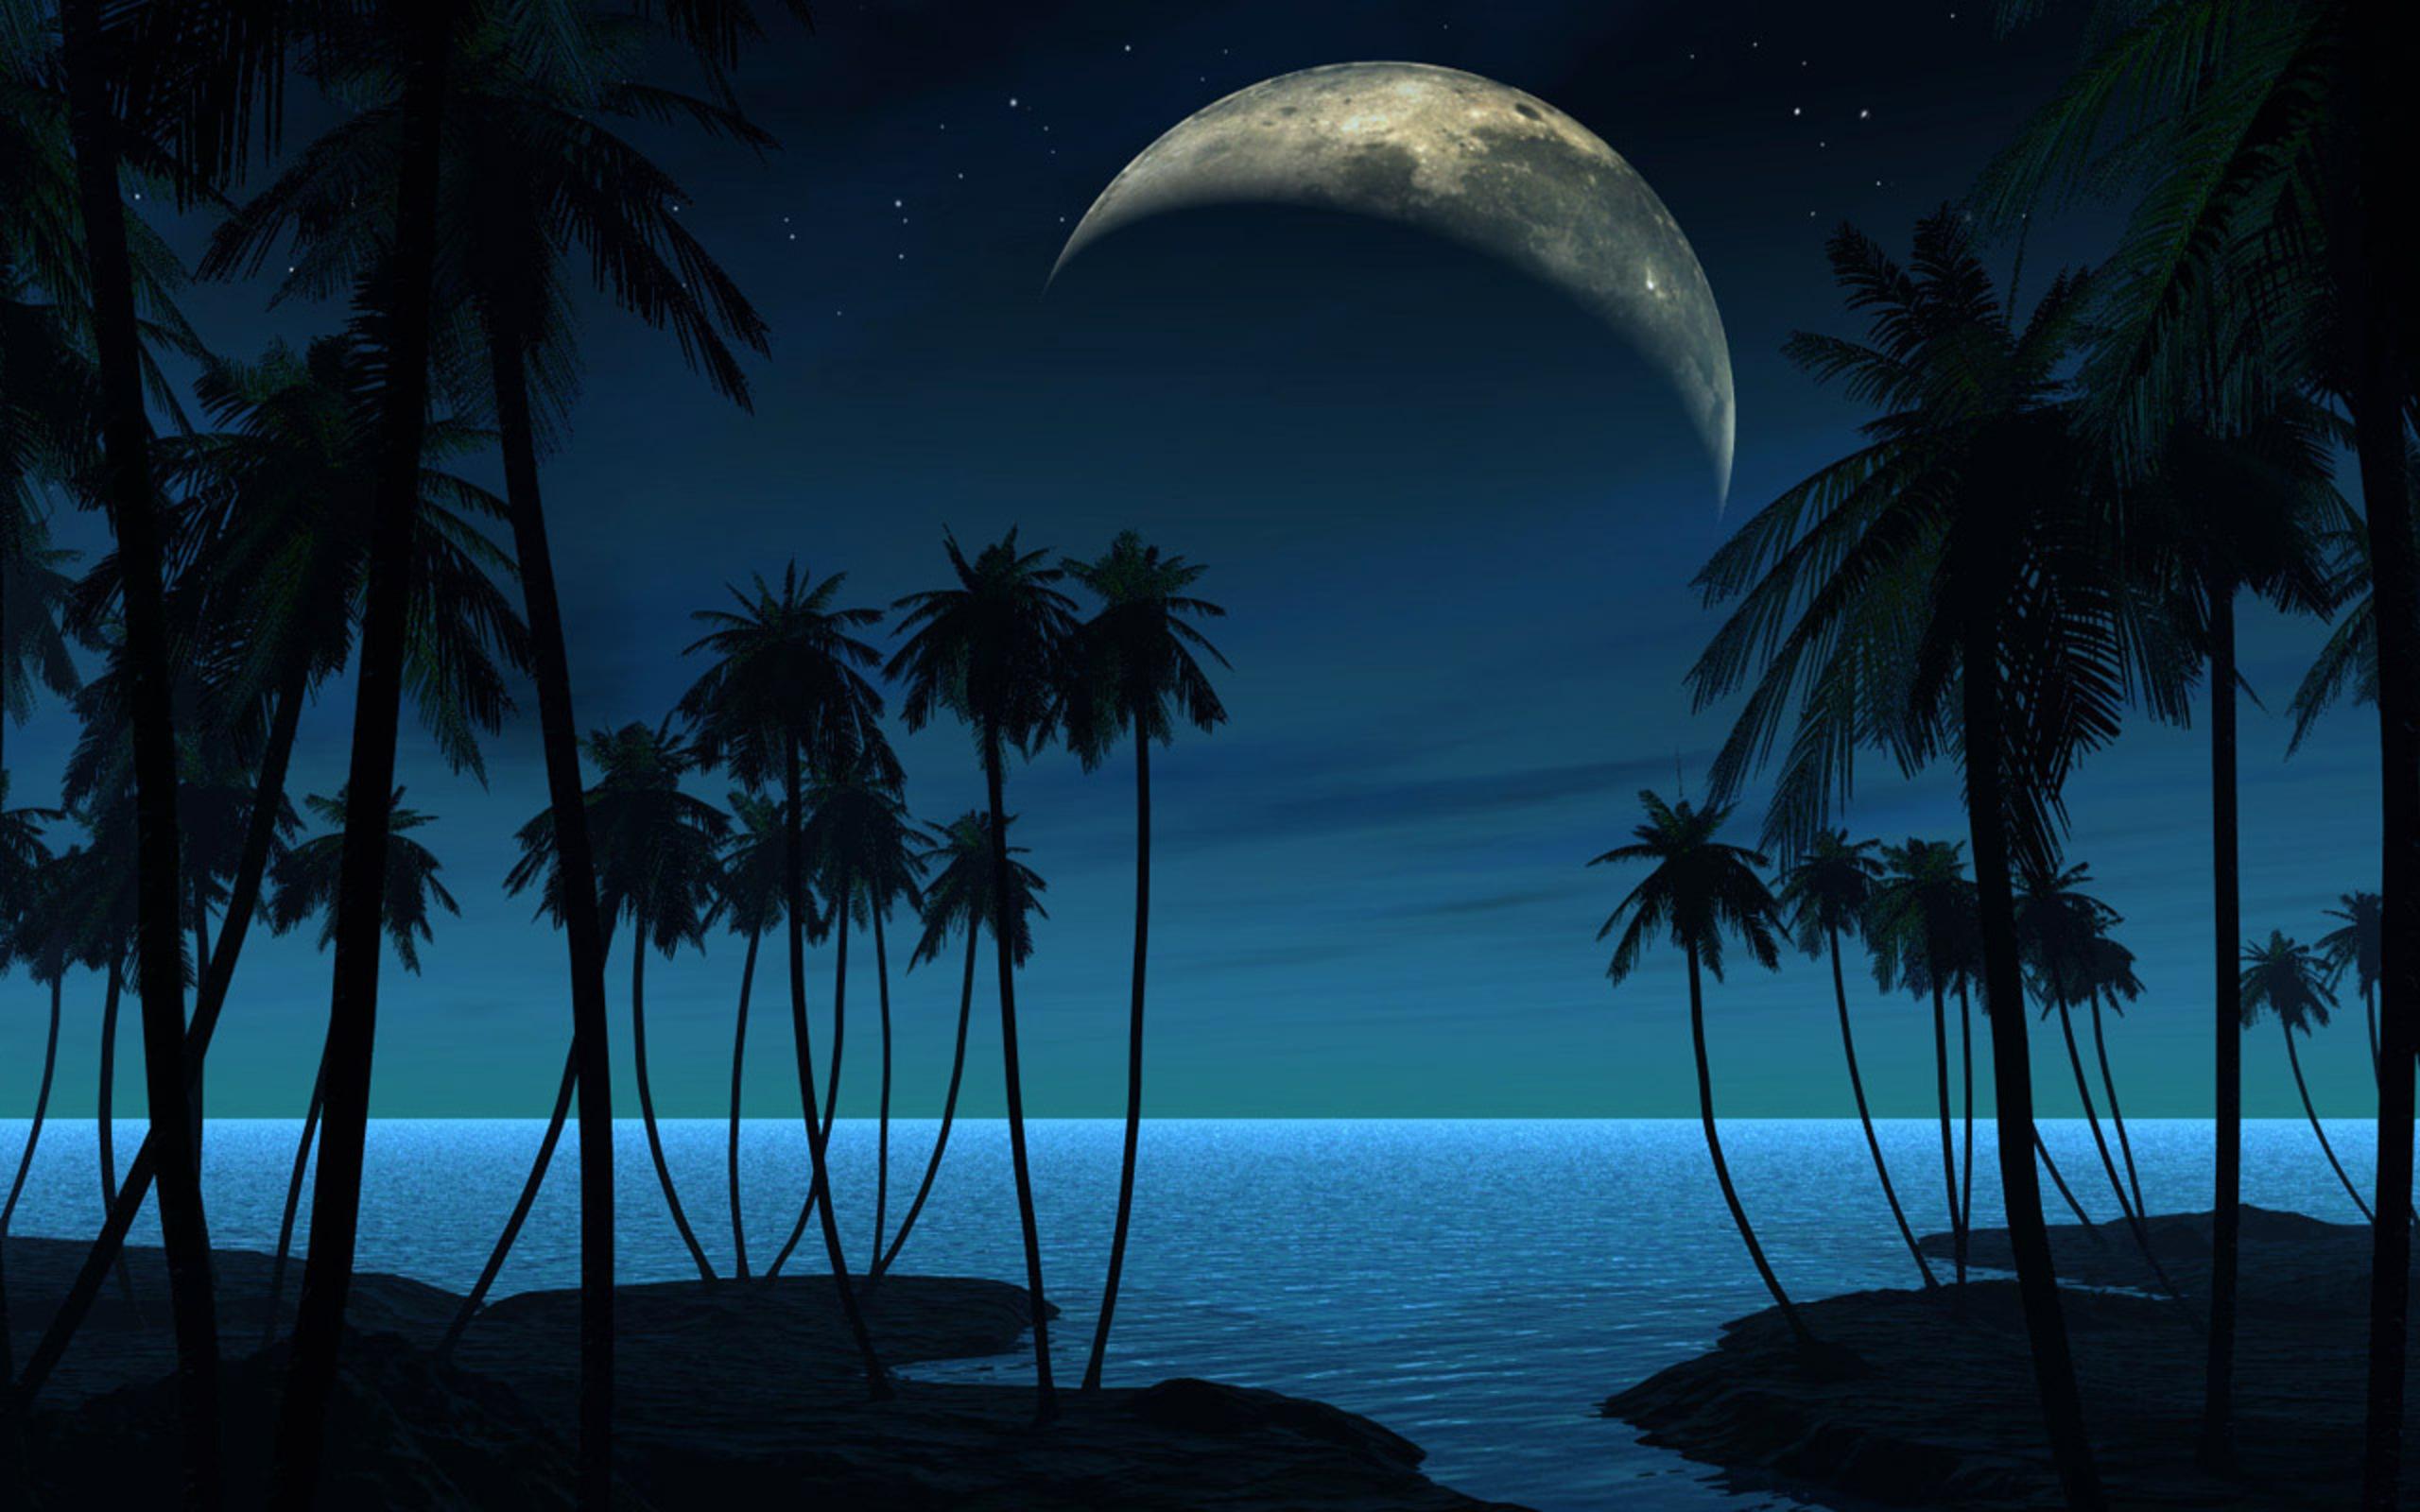 32502 скачать обои Пейзаж, Море, Ночь, Пальмы - заставки и картинки бесплатно